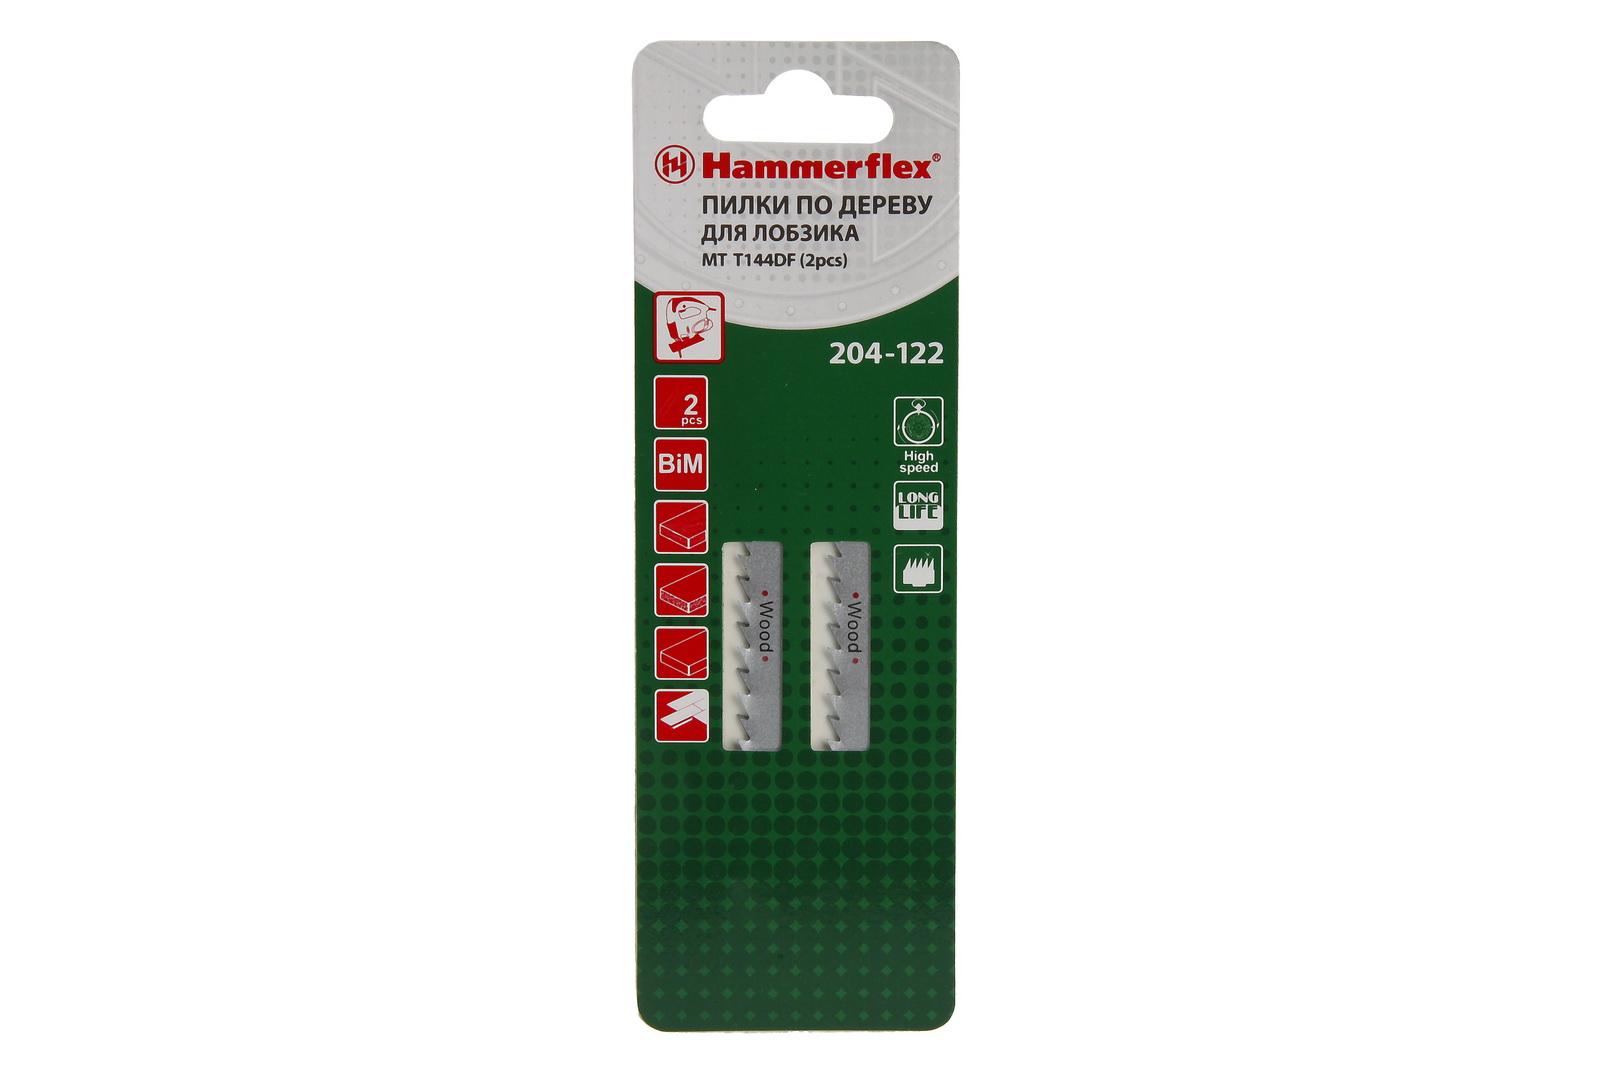 Пилки для лобзика Hammer 204-122 jg mt t144df (2 шт.) пилки для лобзика hammer 204 123 jg wd t301cd 2 шт